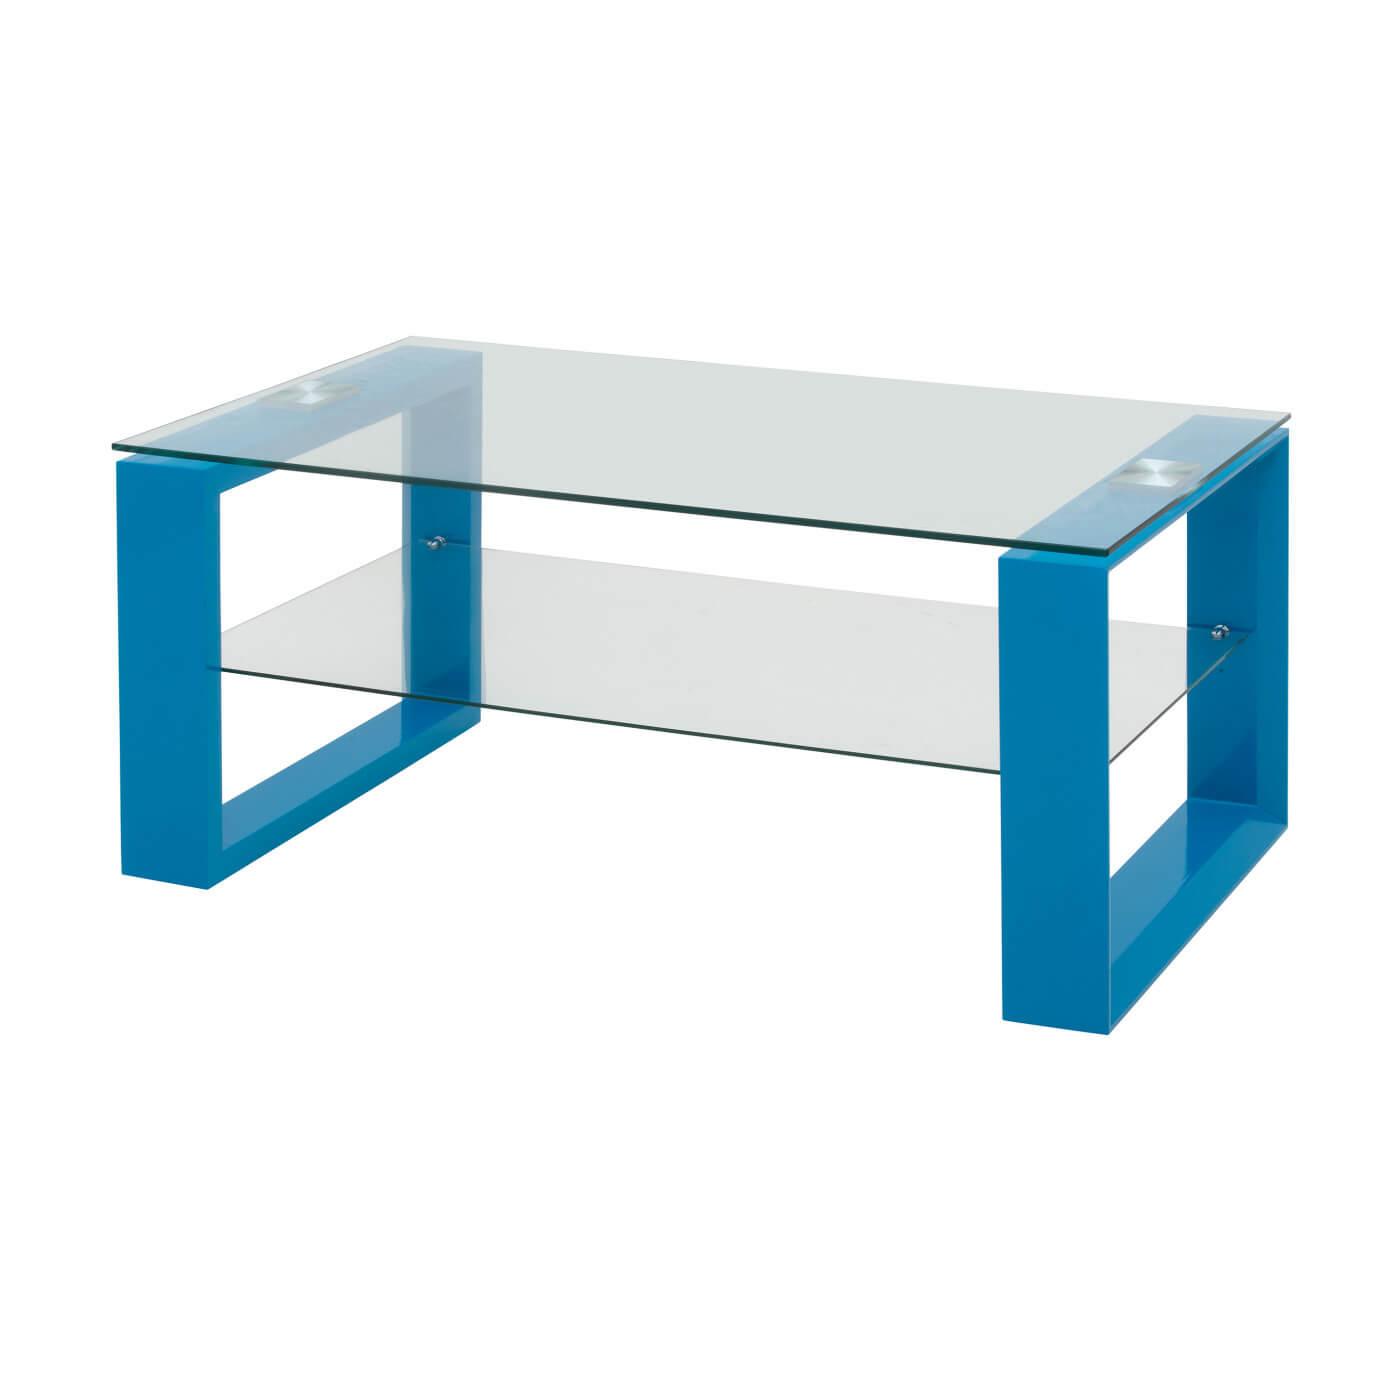 Et Table Loudvika Design Verre Basse Bois Bleu Laqué clFKJT13